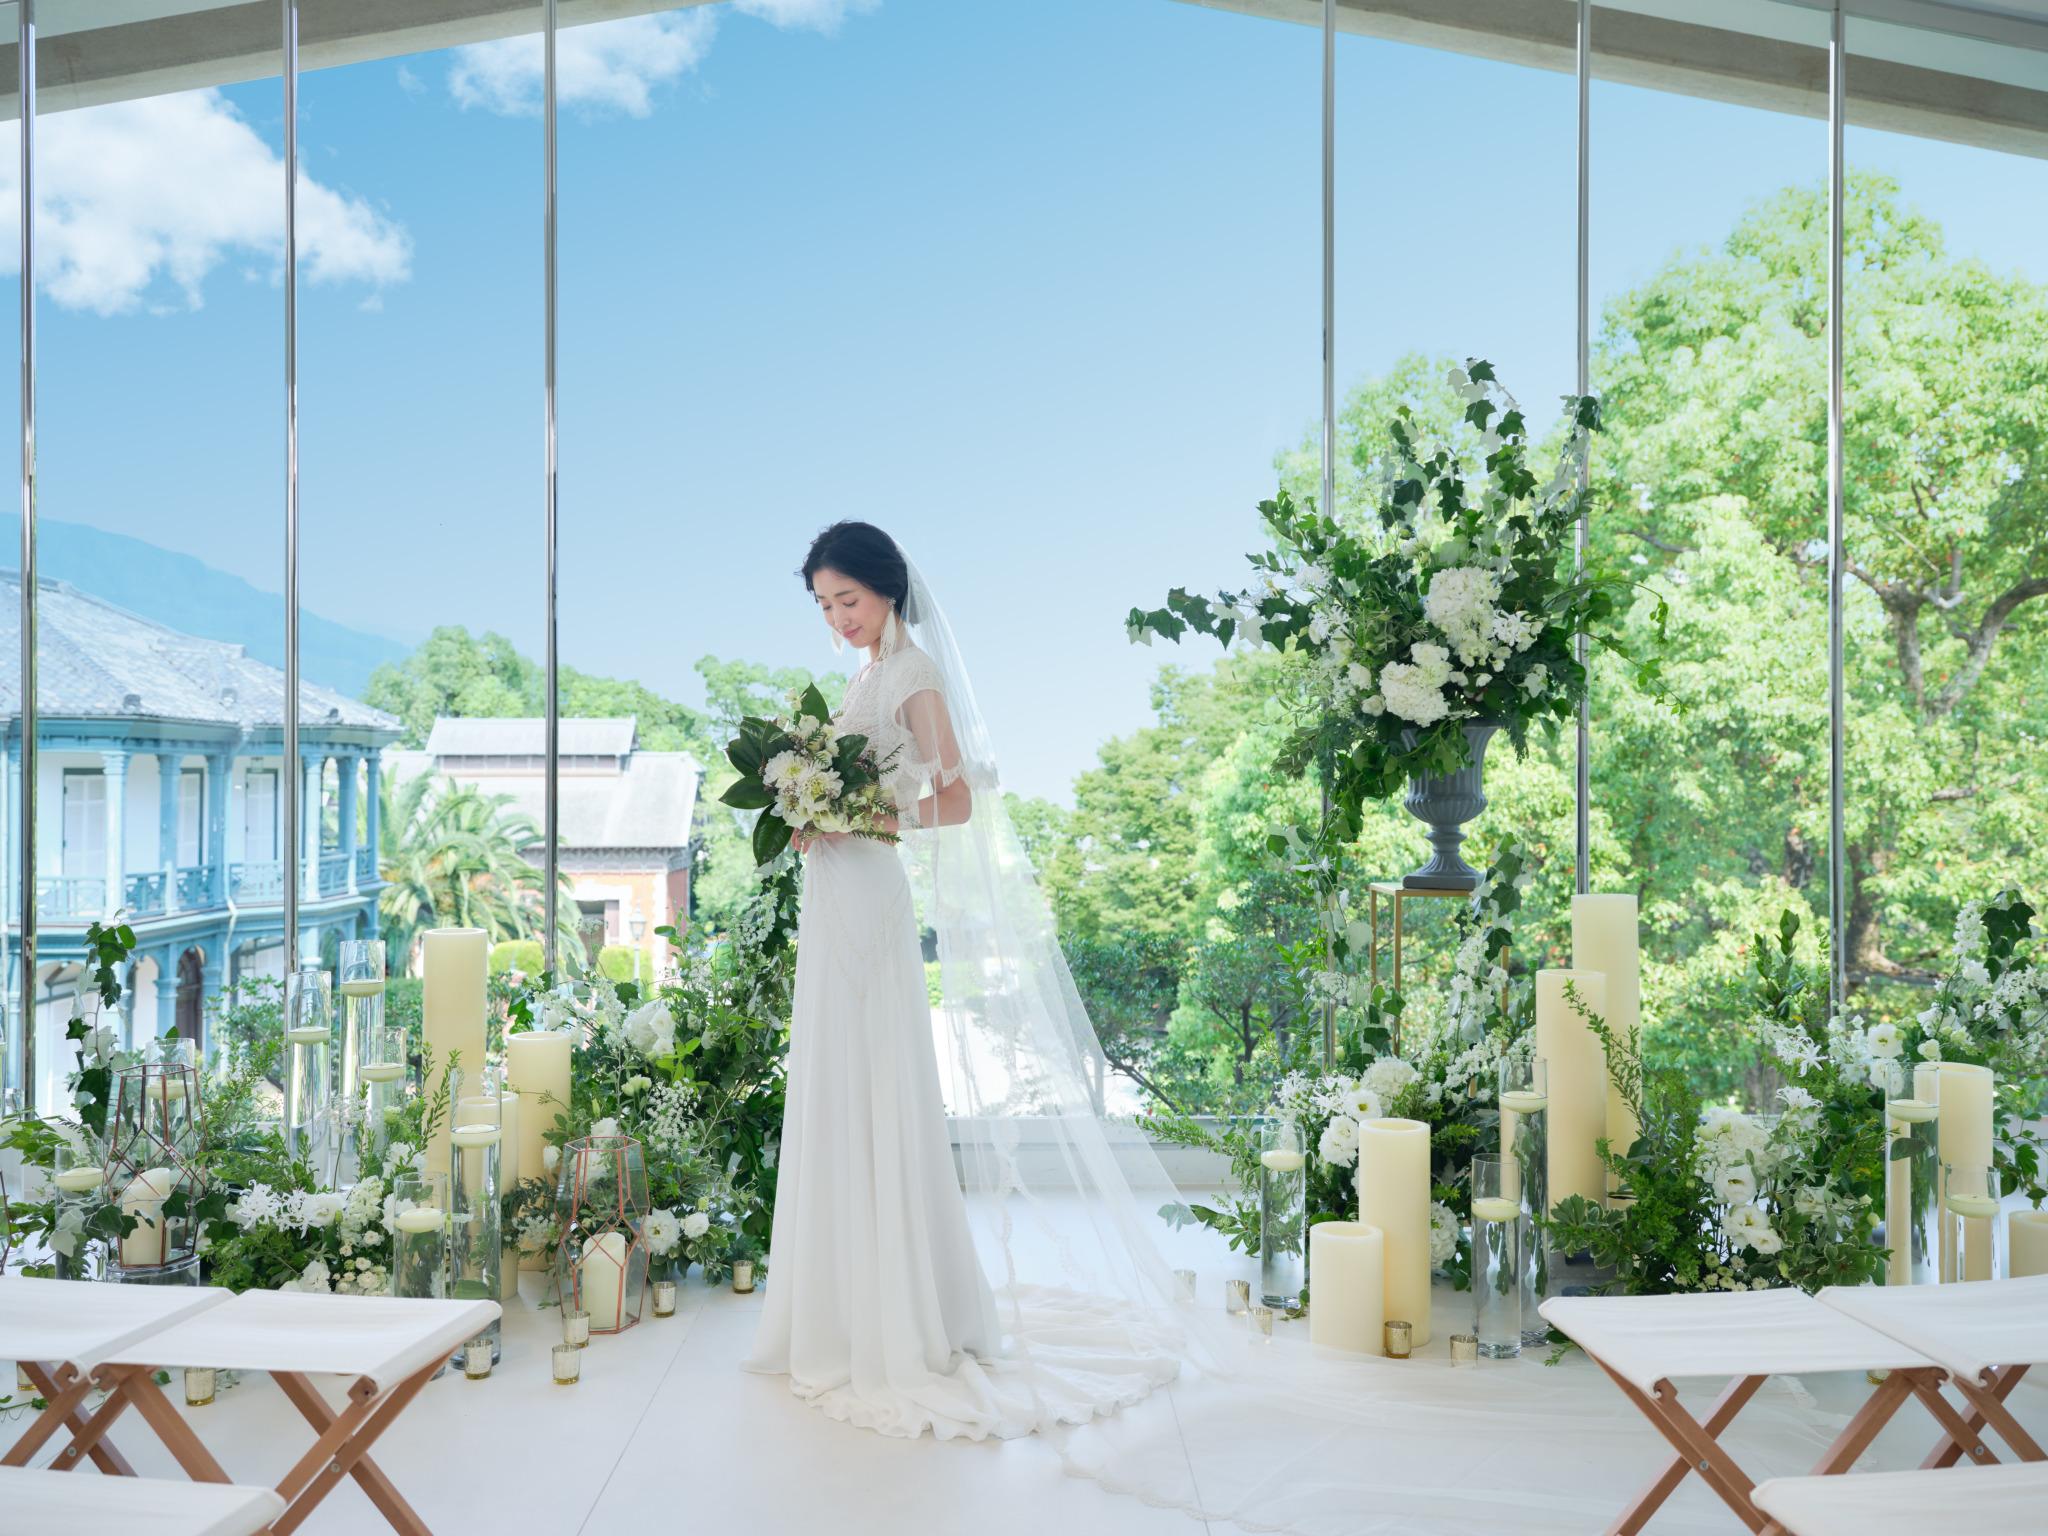 異人館と緑あふれる庭園を見晴らすガラス張りのチャペル